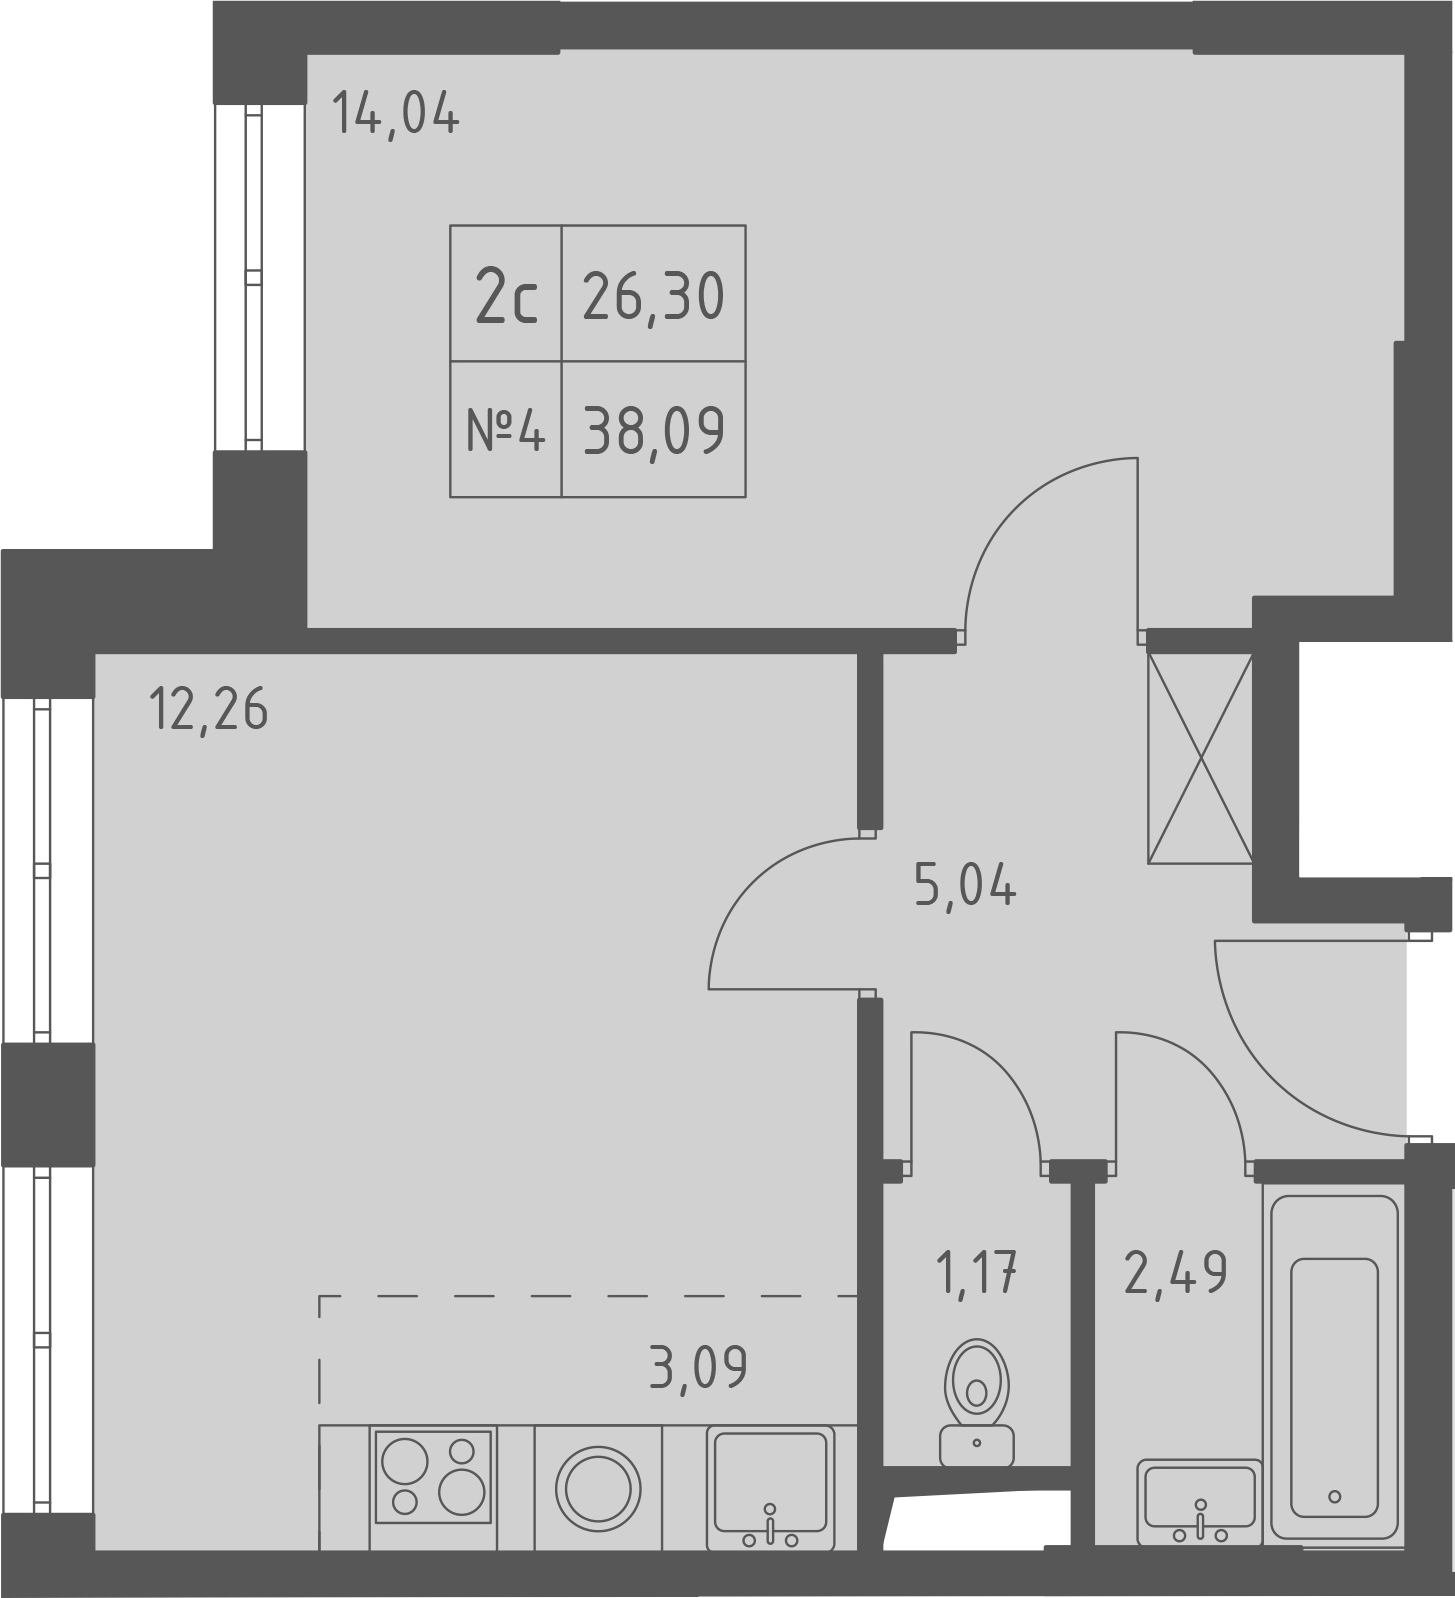 2-к.кв (евро), 38.09 м²